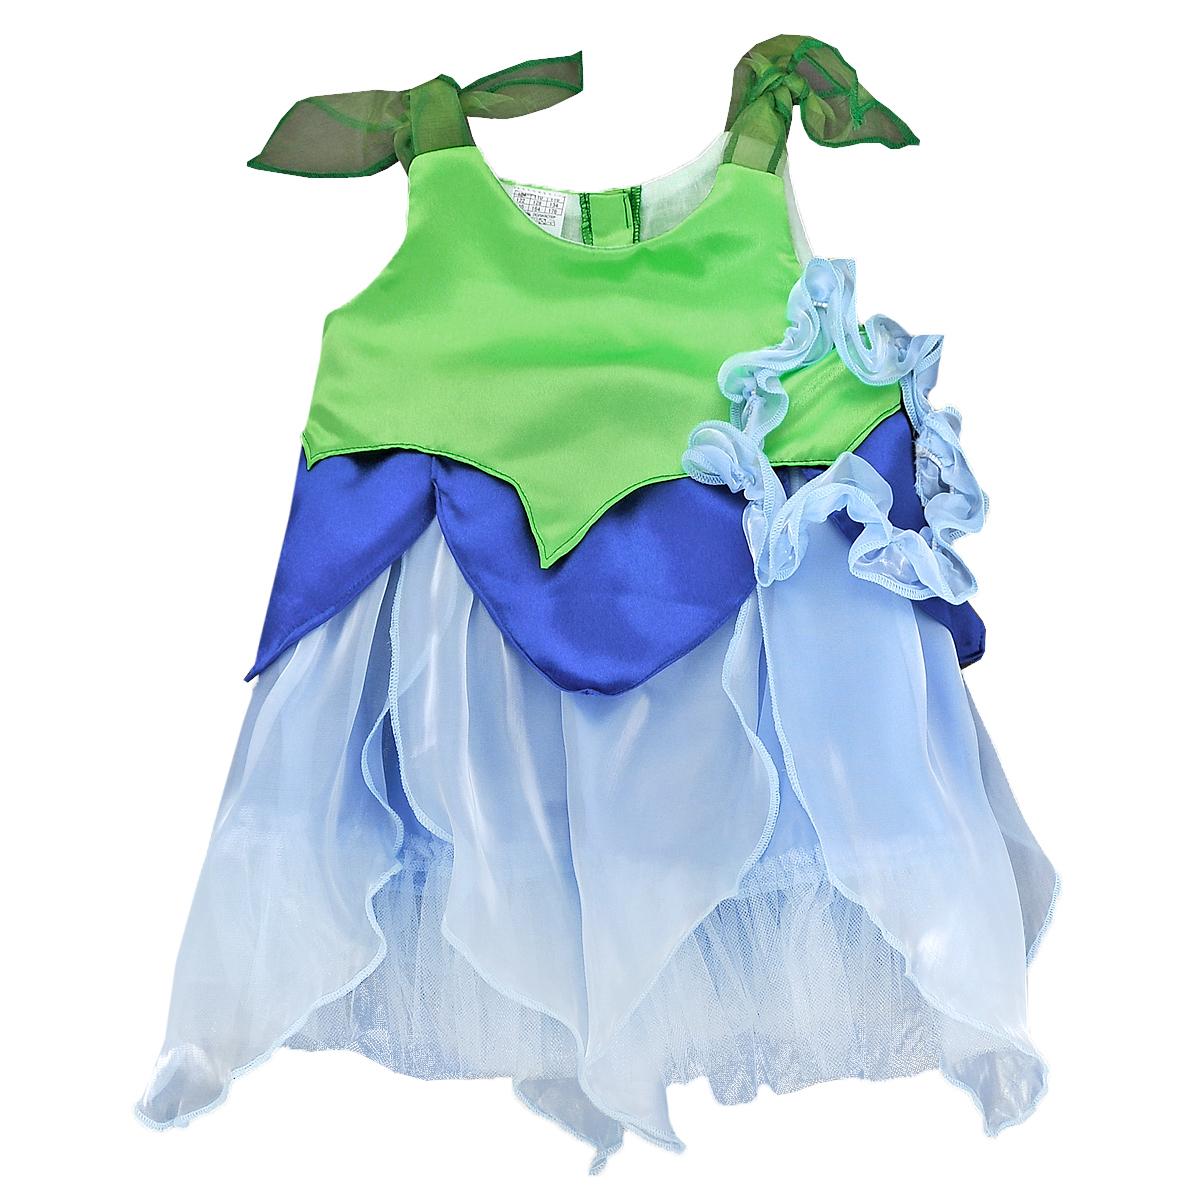 Карнавальный костюм для девочки Колокольчик. 102 002102 002Яркий детский карнавальный костюм Вестифика Колокольчик позволит вашей малышке быть самой красивой девочкой на детском утреннике, бале-маскараде или карнавале. Костюм состоит из платья и повязки на голову. Нарядное платье, изготовленное из атласного материала с отделкой из органзы, на спинке застегивается на липучки. Рукава выполнены из атласа и органзы в виде лепестков. Подол декорирован широкой оборкой из микросетки. Дополнит образ Колокольчика эластичная повязка на голову, выполненная из полупрозрачного материала. Такой карнавальный костюм привлечет внимание друзей вашего ребенка и подчеркнет его индивидуальность. Веселое настроение и масса положительных эмоций будут обеспечены!